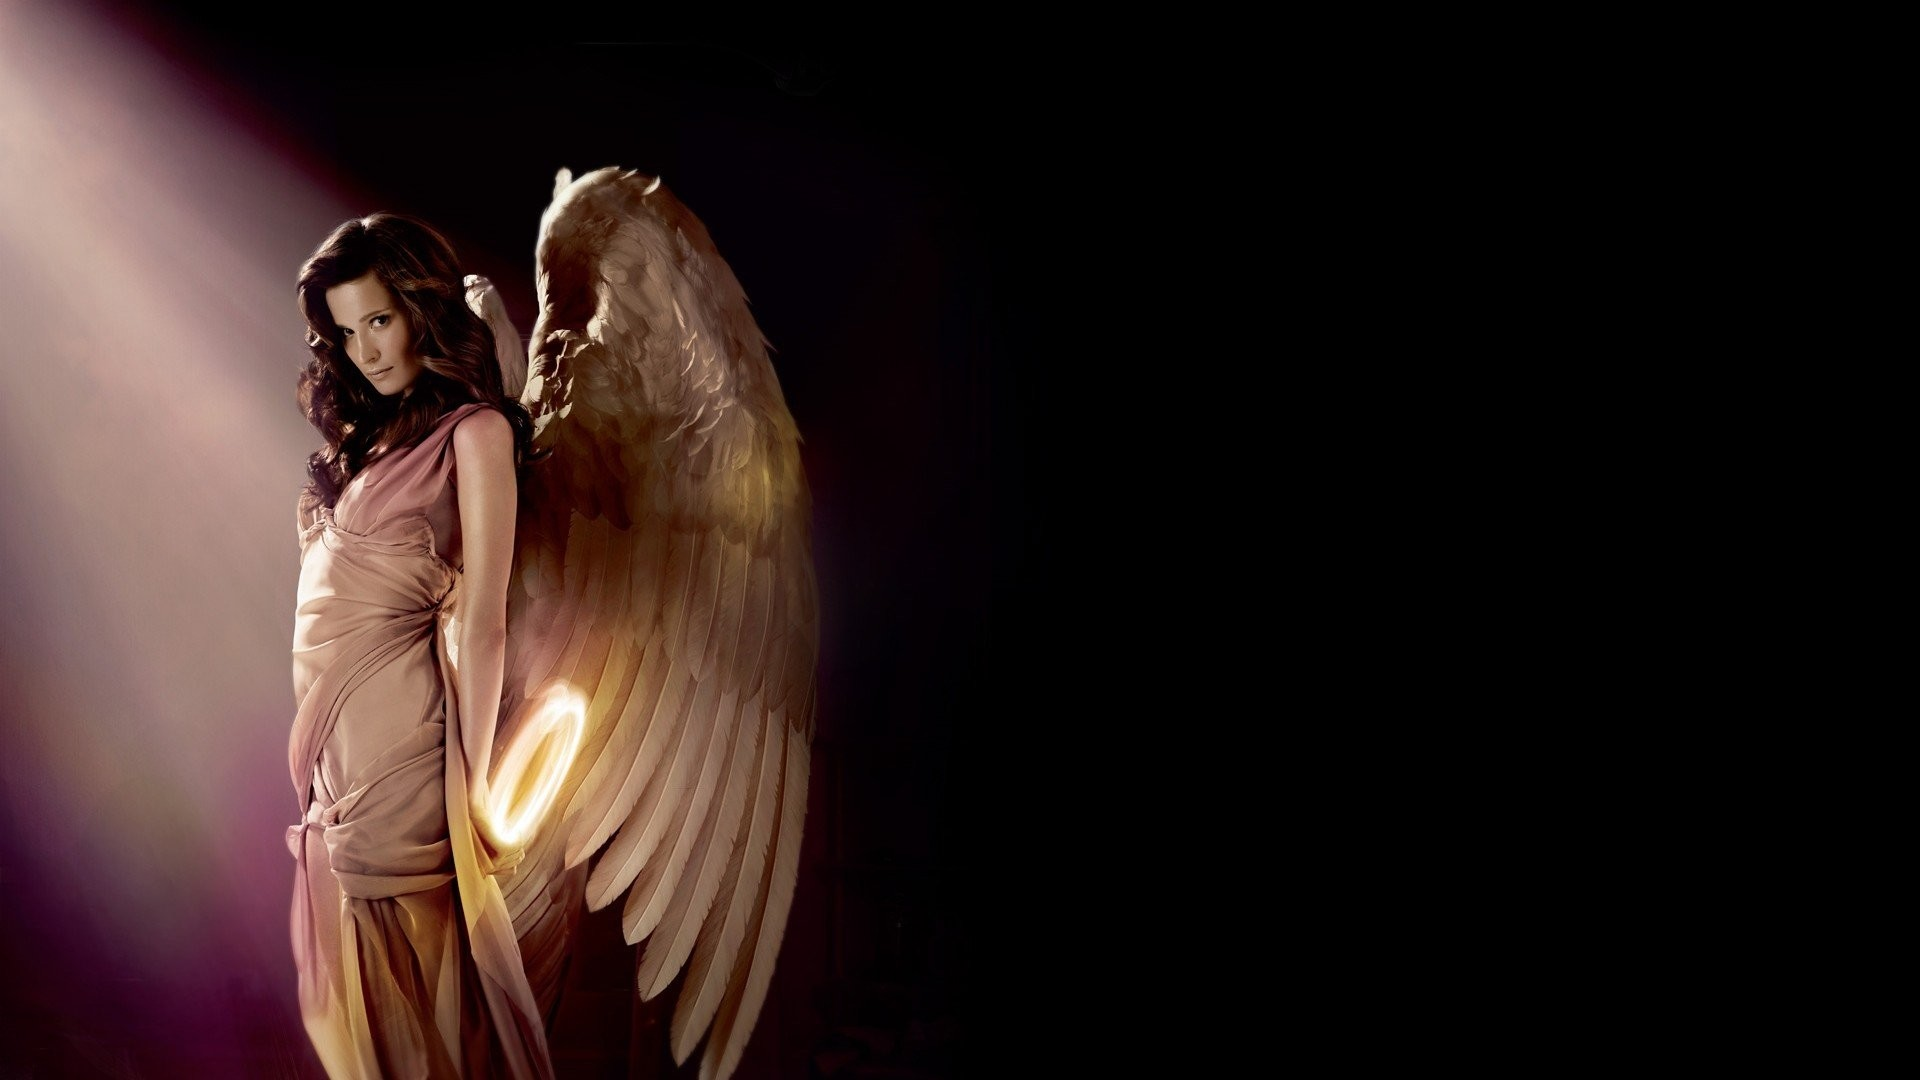 Angels Wings Women